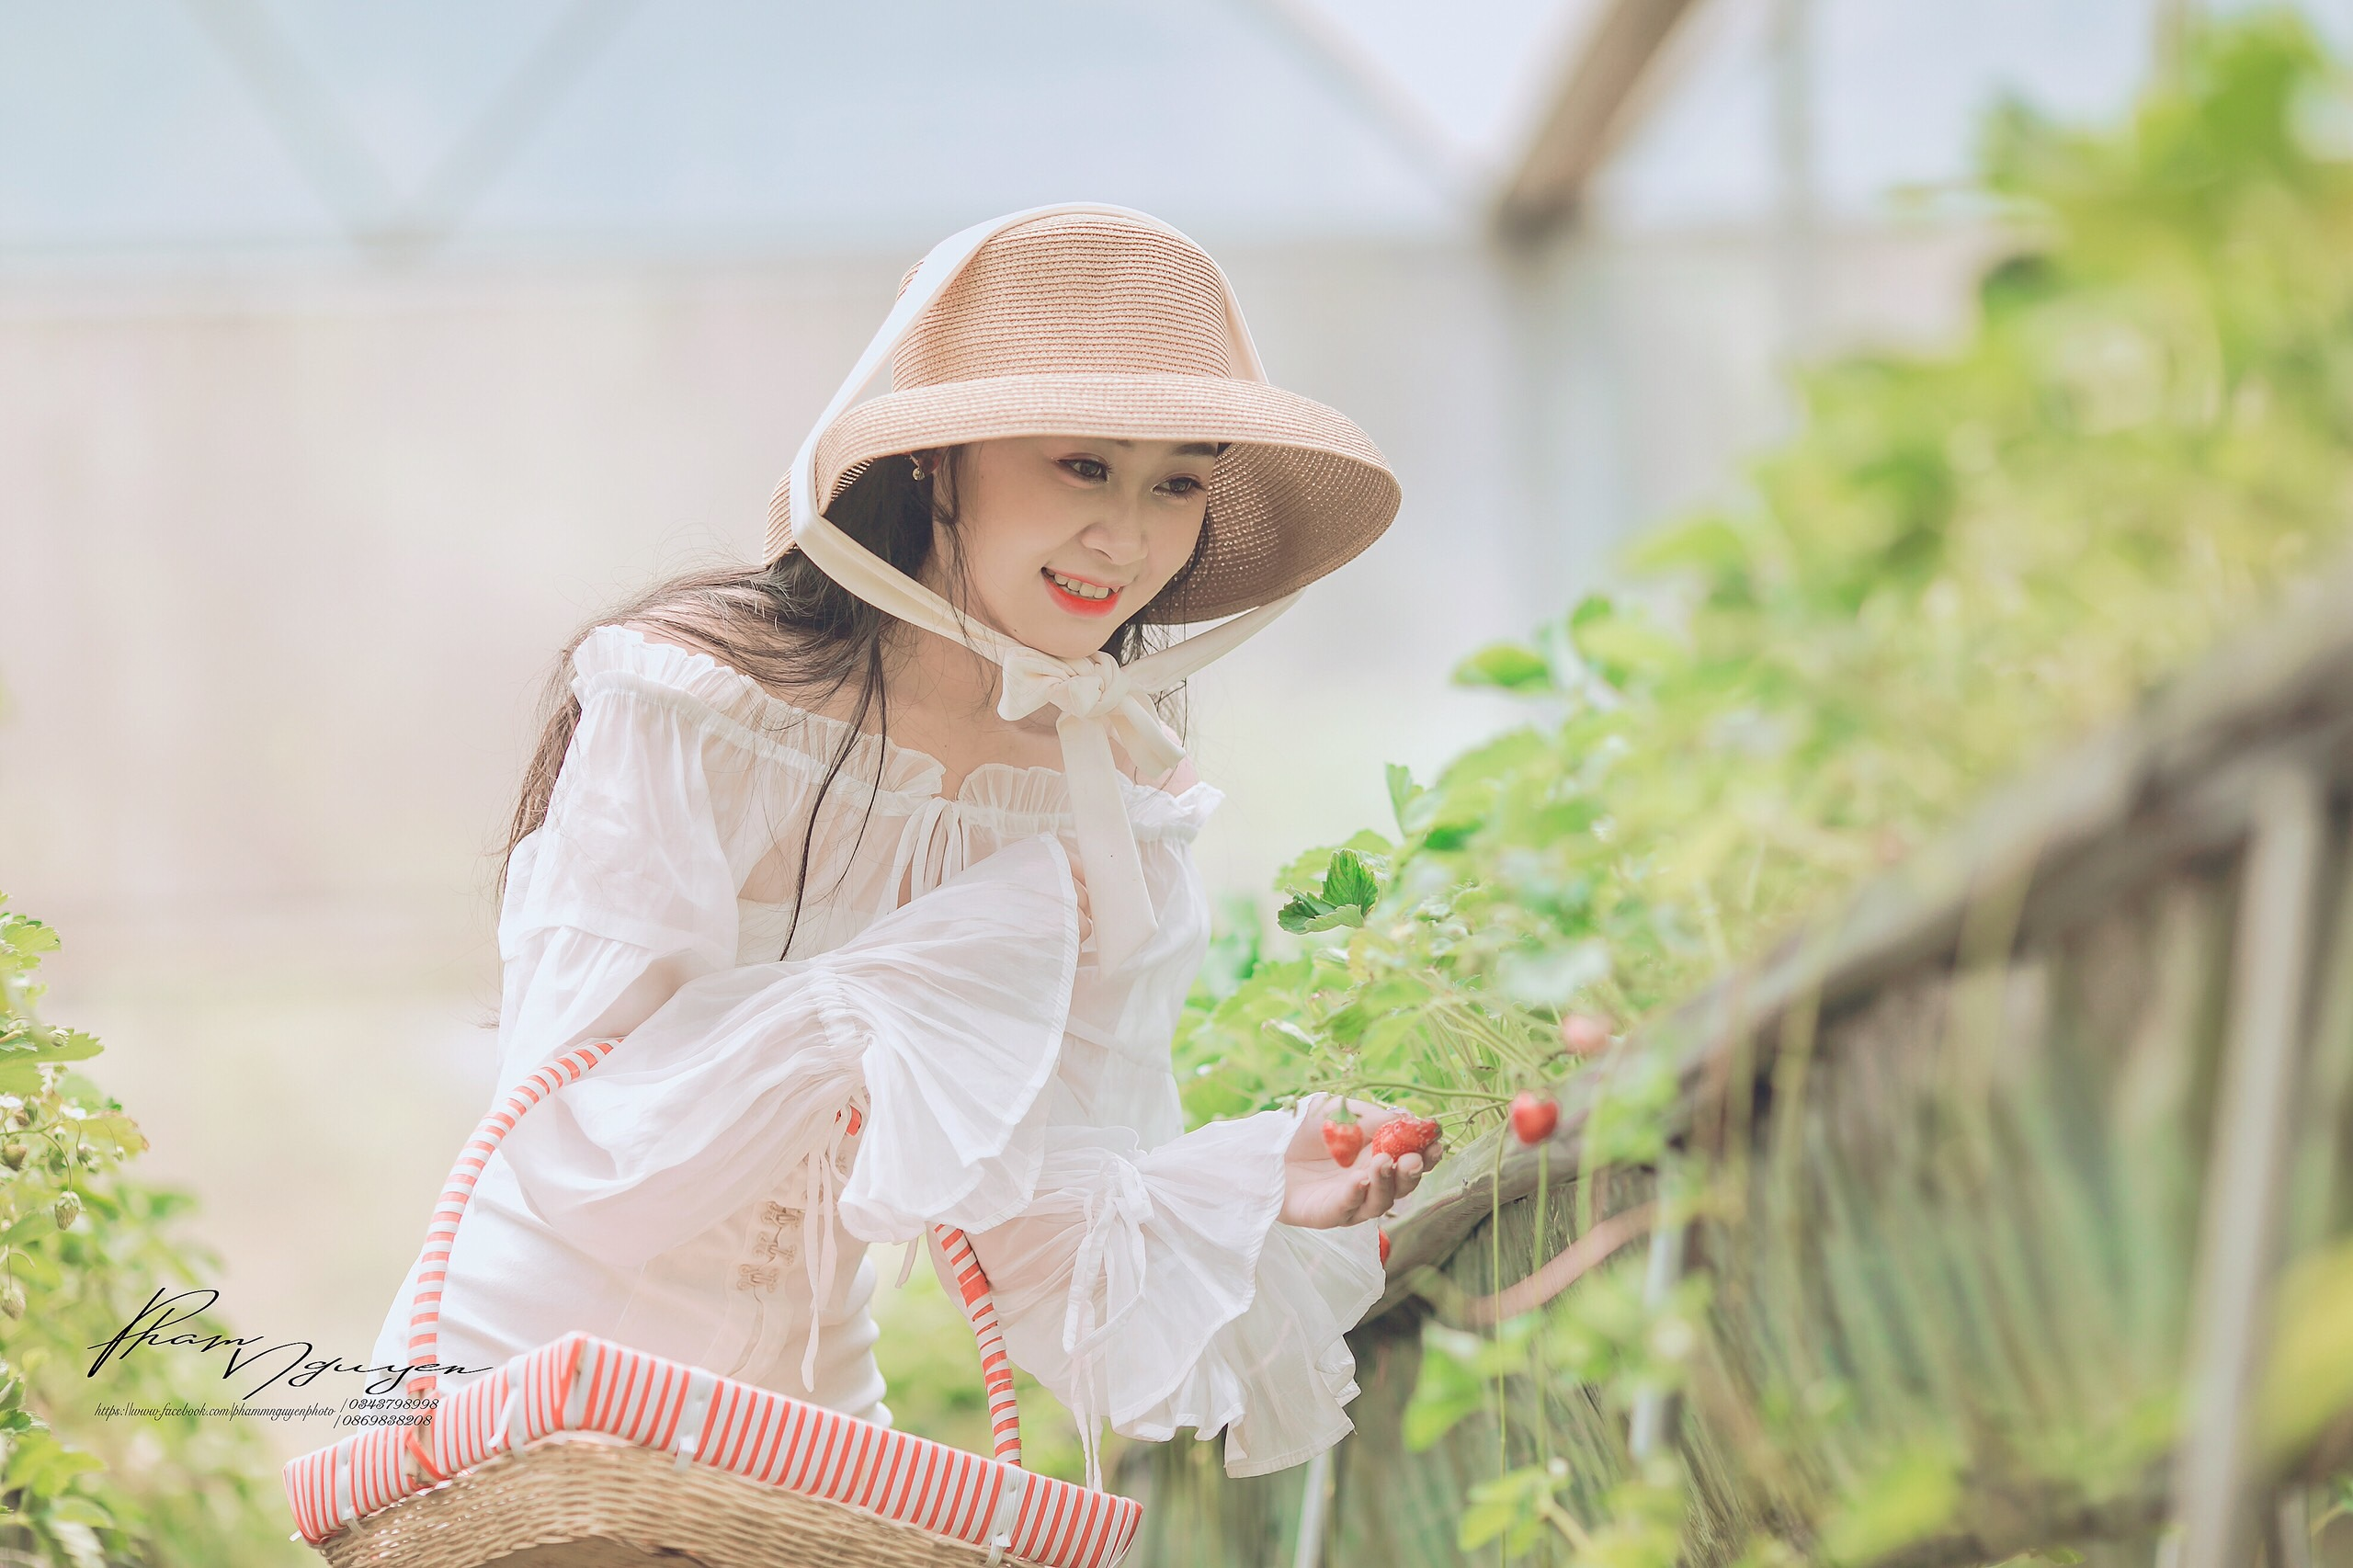 """Cô nàng Thùy Dương đạt giải đặc biệt cuộc thi ảnh """"Nắm tay nhau đi khắp Chimi Farm"""""""